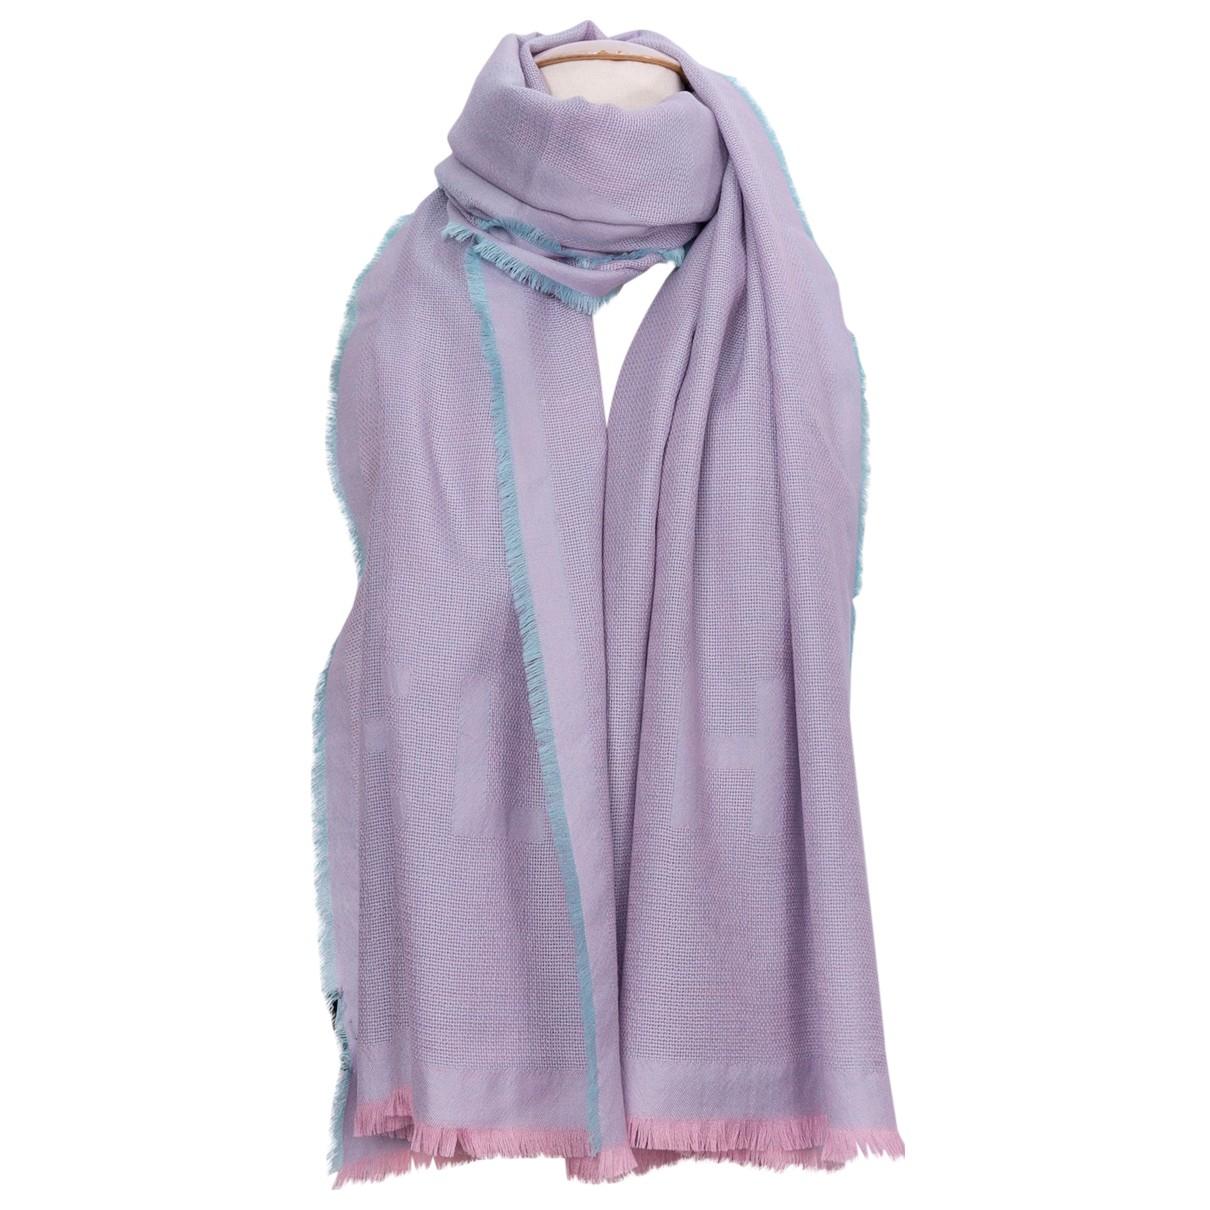 Chanel - Foulard   pour femme en cachemire - violet